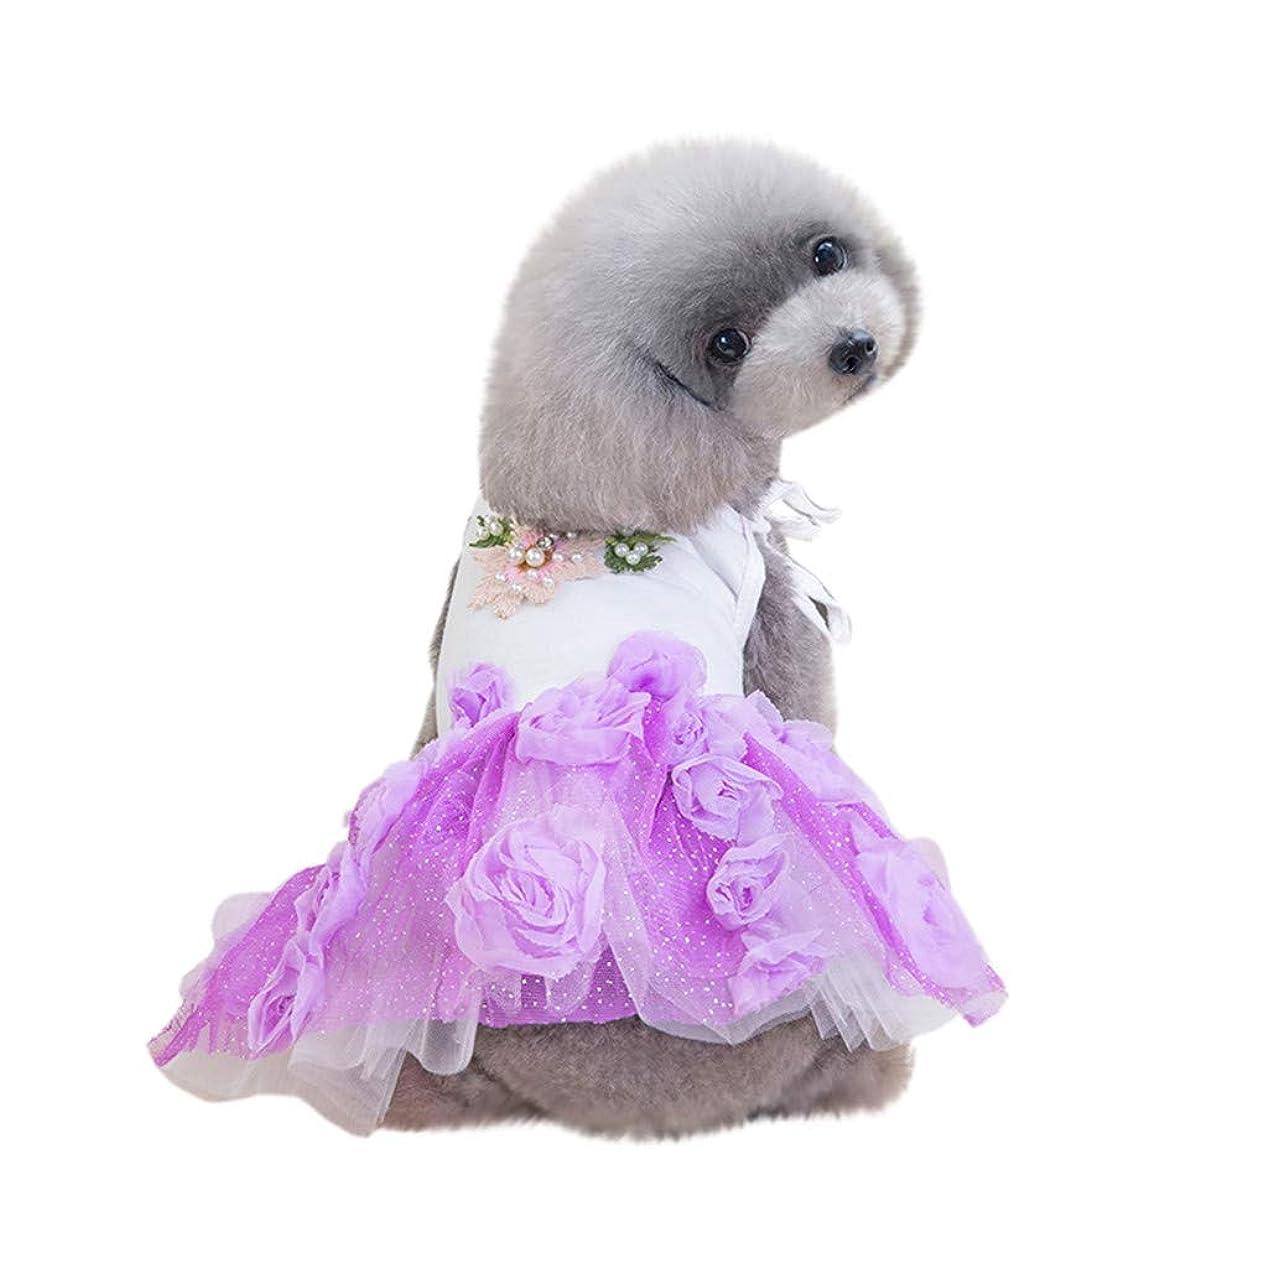 ポスト印象派ドレスあいまいな[Tienpy] ペット犬猫ローズフラワープリントワンピース蝶結びチュチュ スカート可愛い犬 柔らかい ドレス 日焼き防 通気性 上着